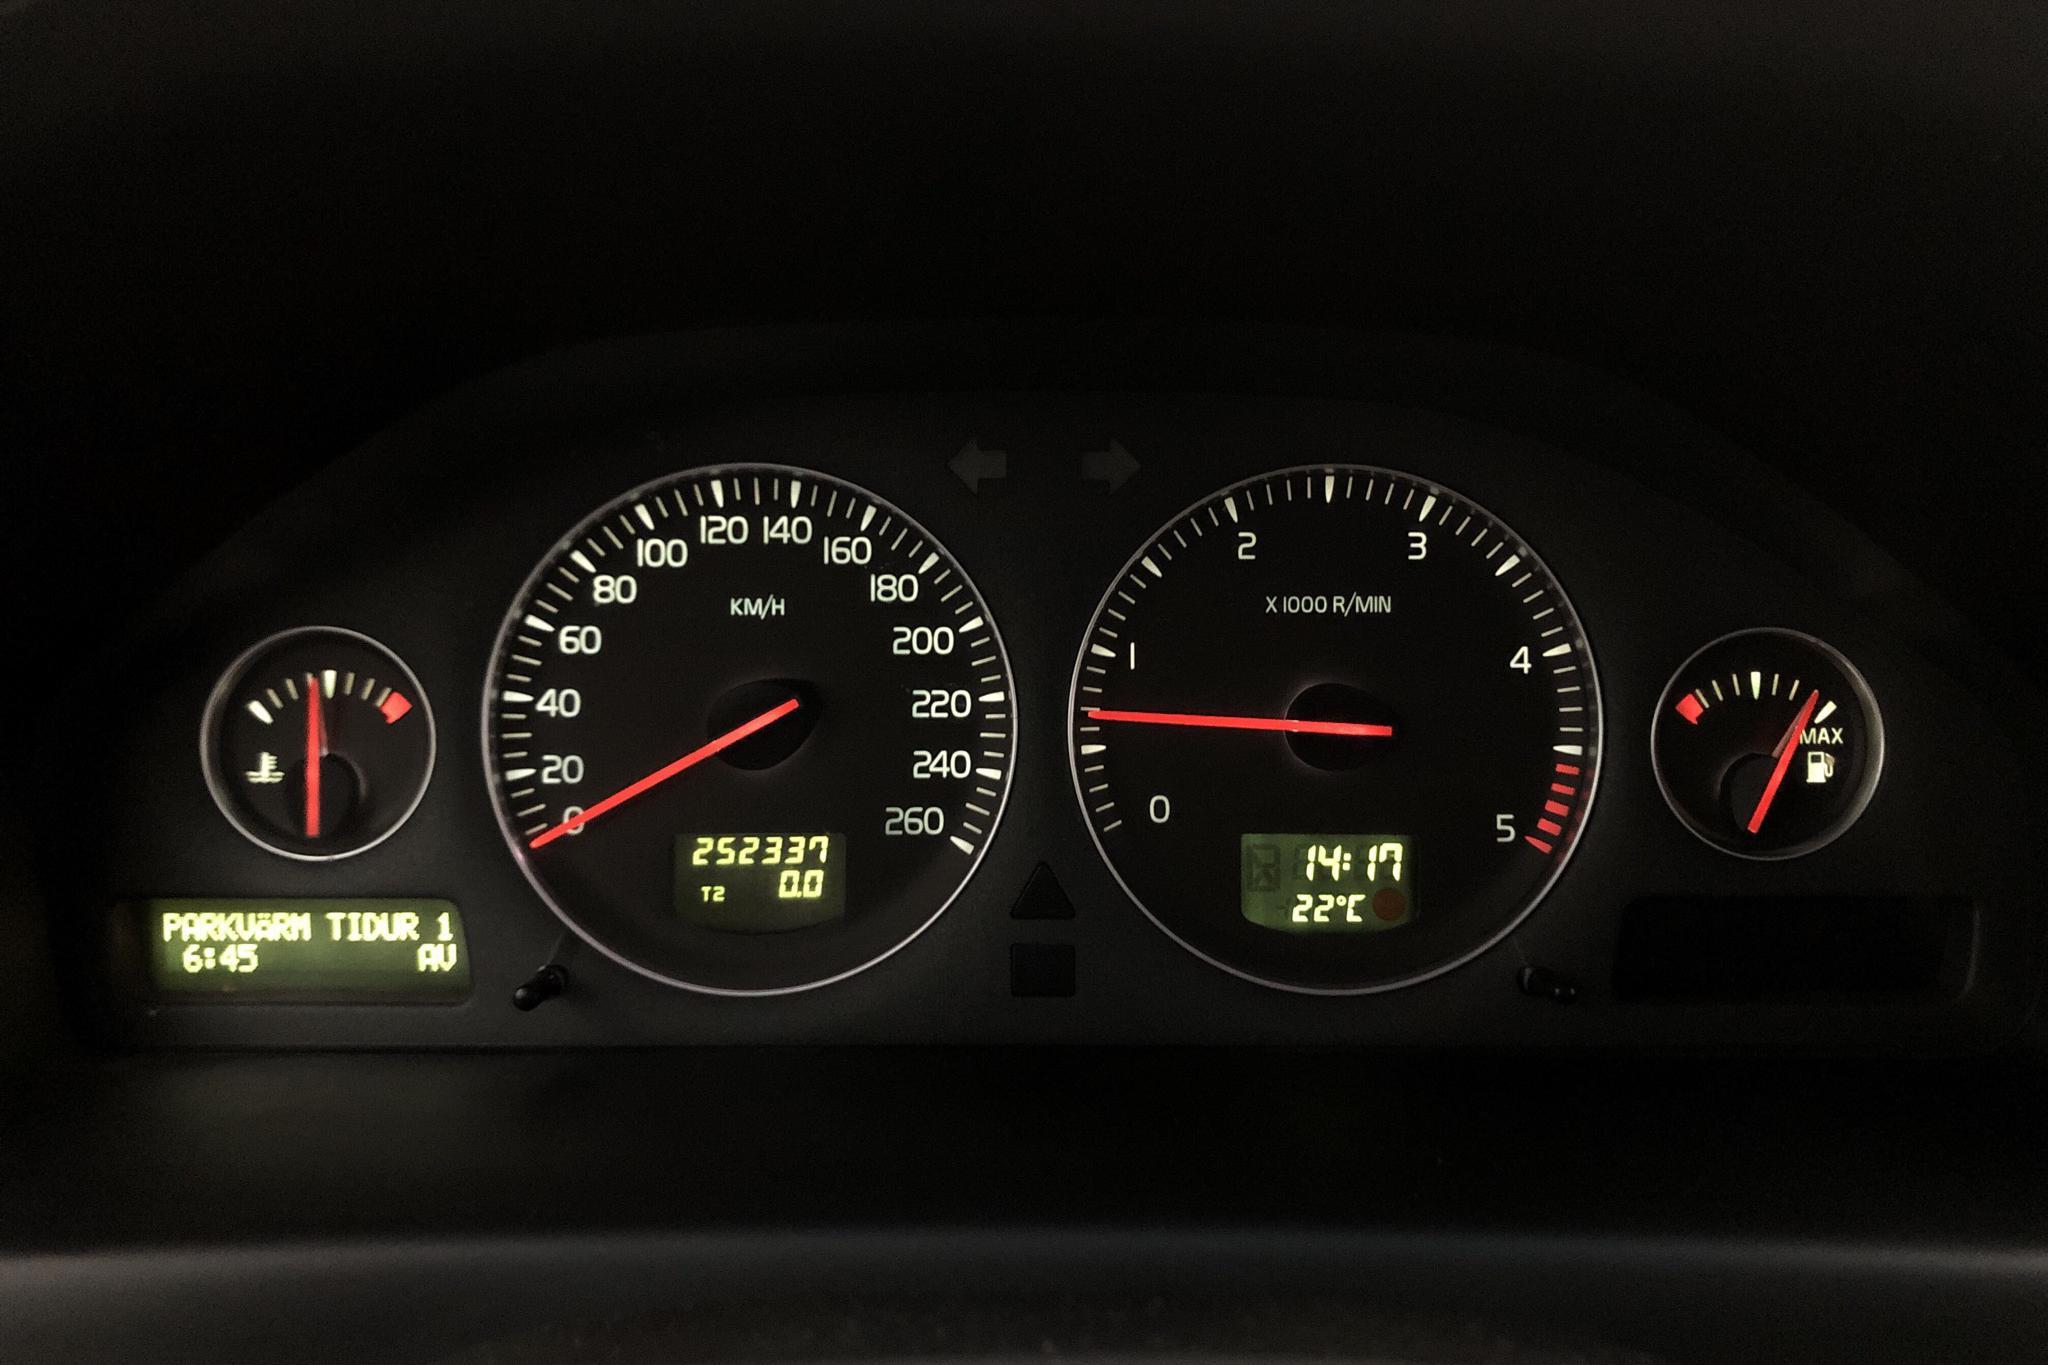 Volvo XC70 D5 (185hk) - 252 330 km - Manual - black - 2007